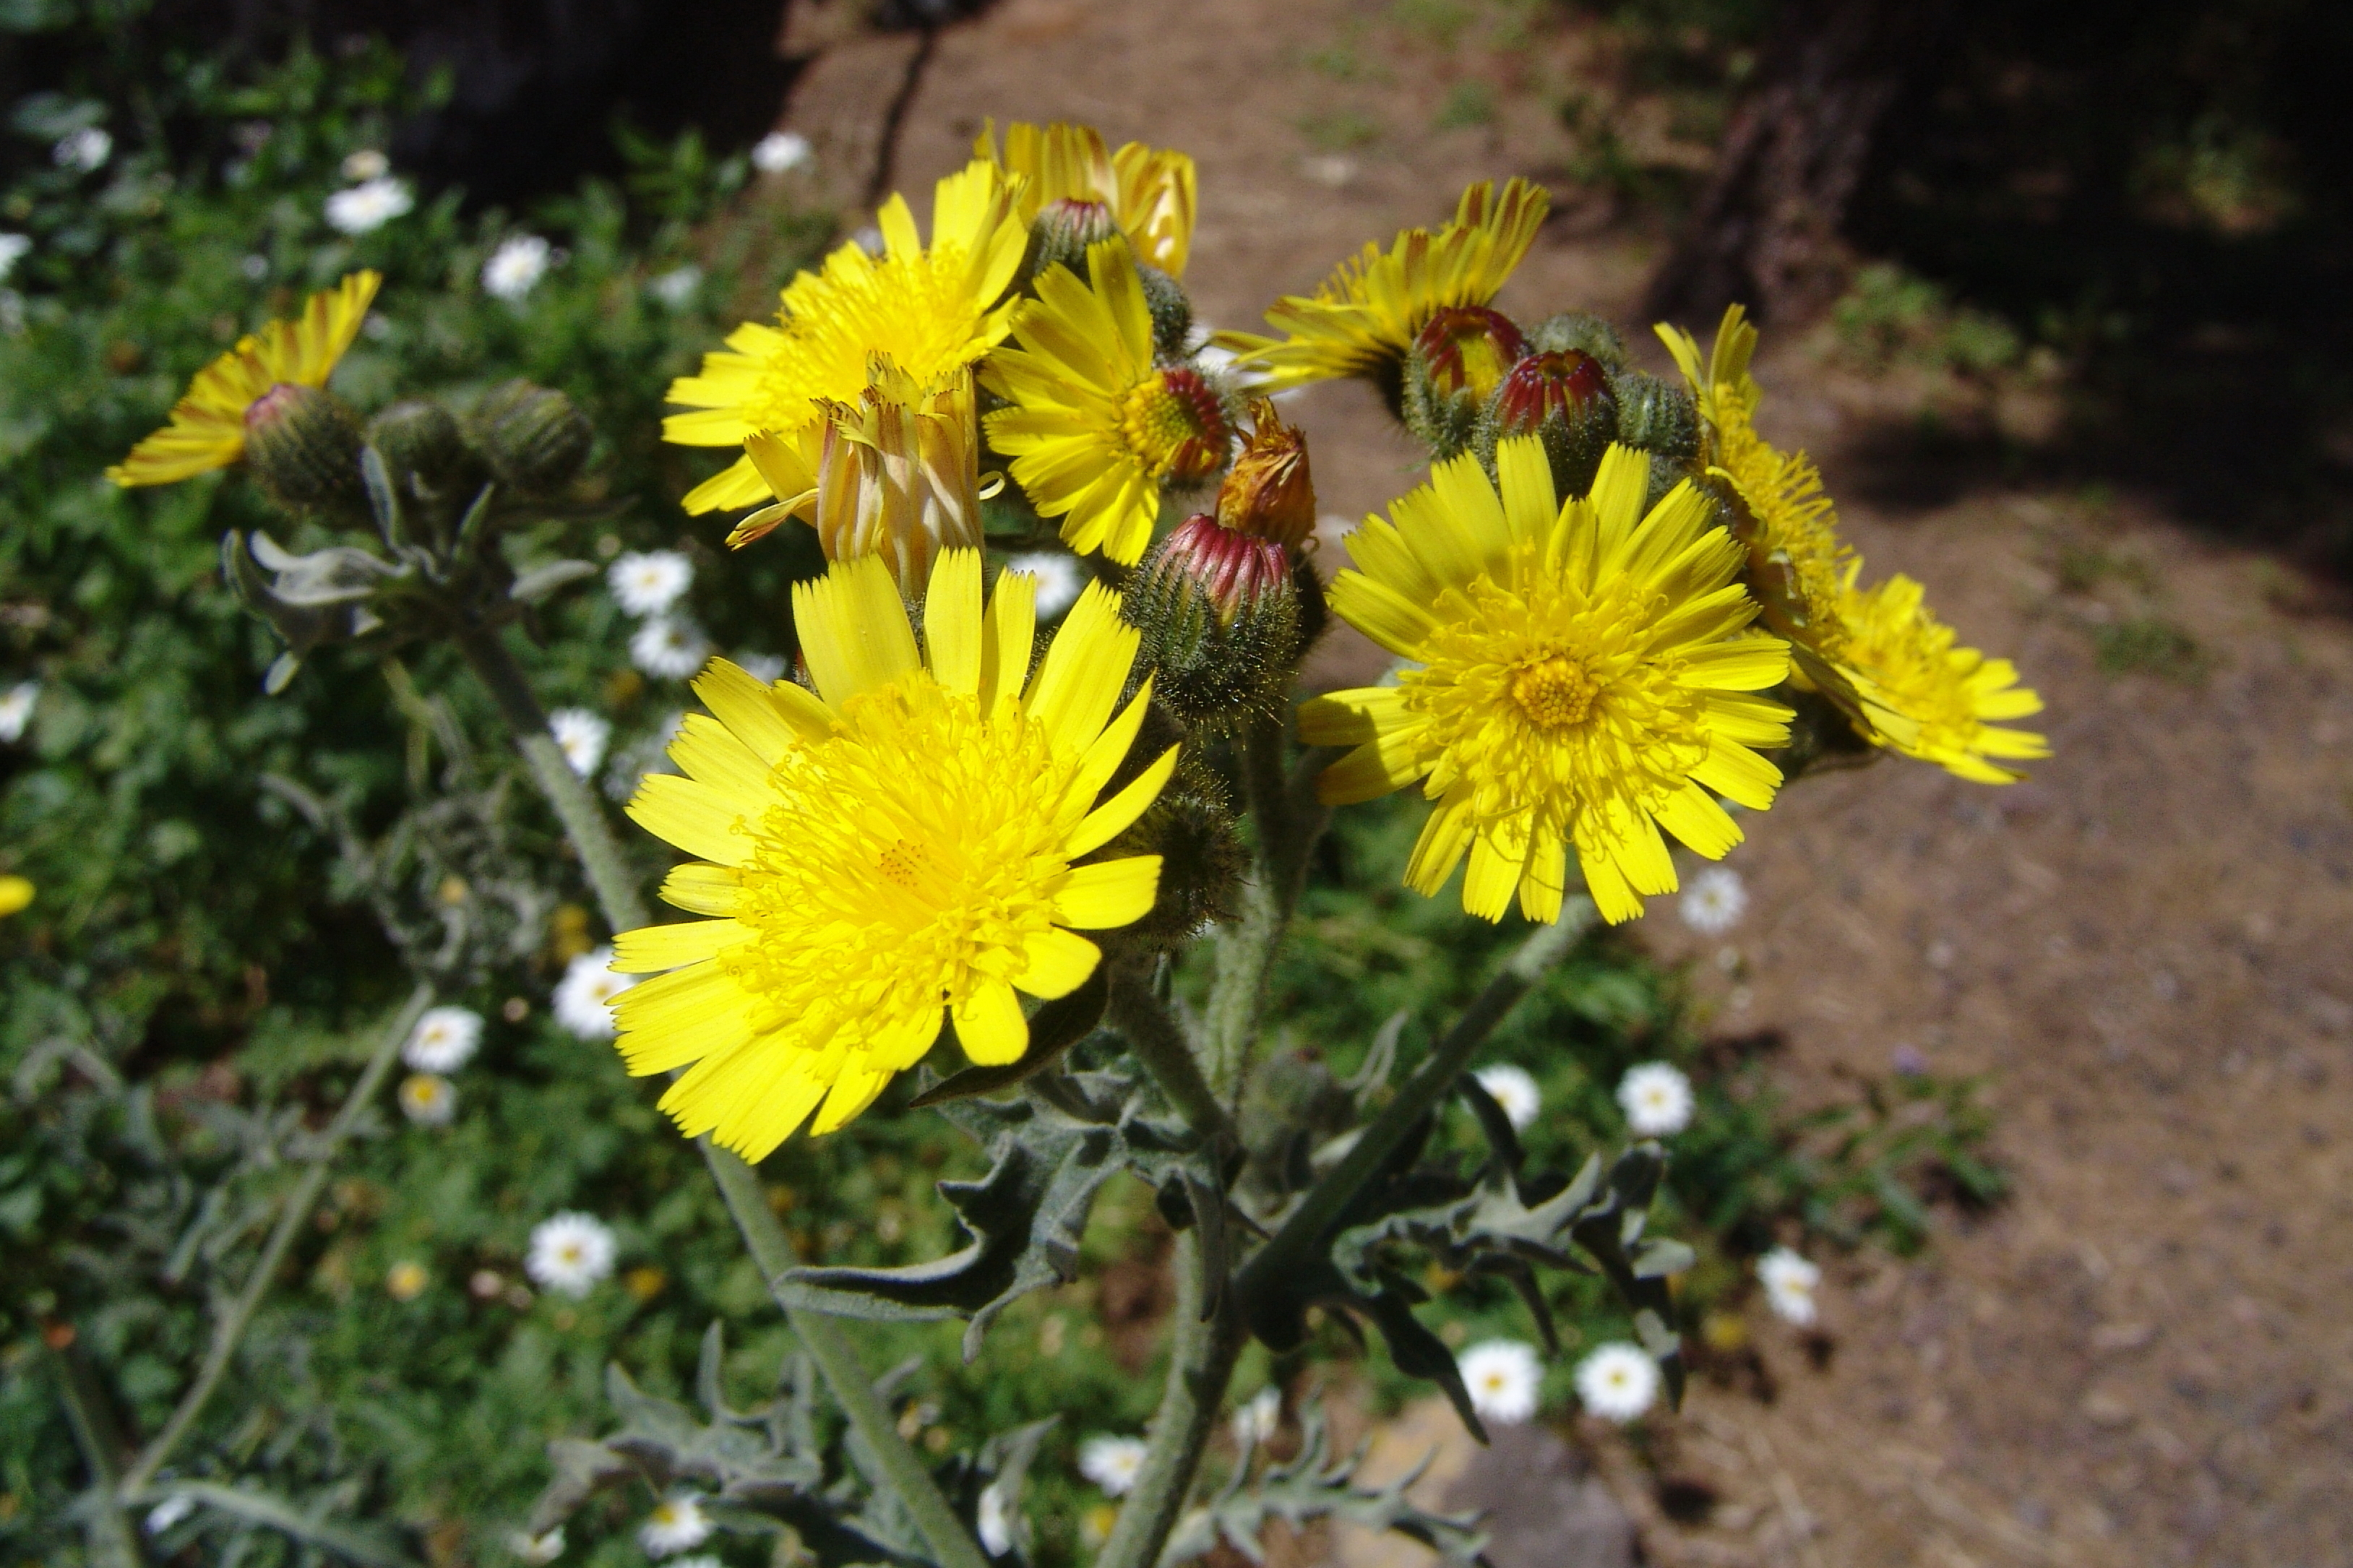 dsc09842-andryala-flor-2-recorte.jpg